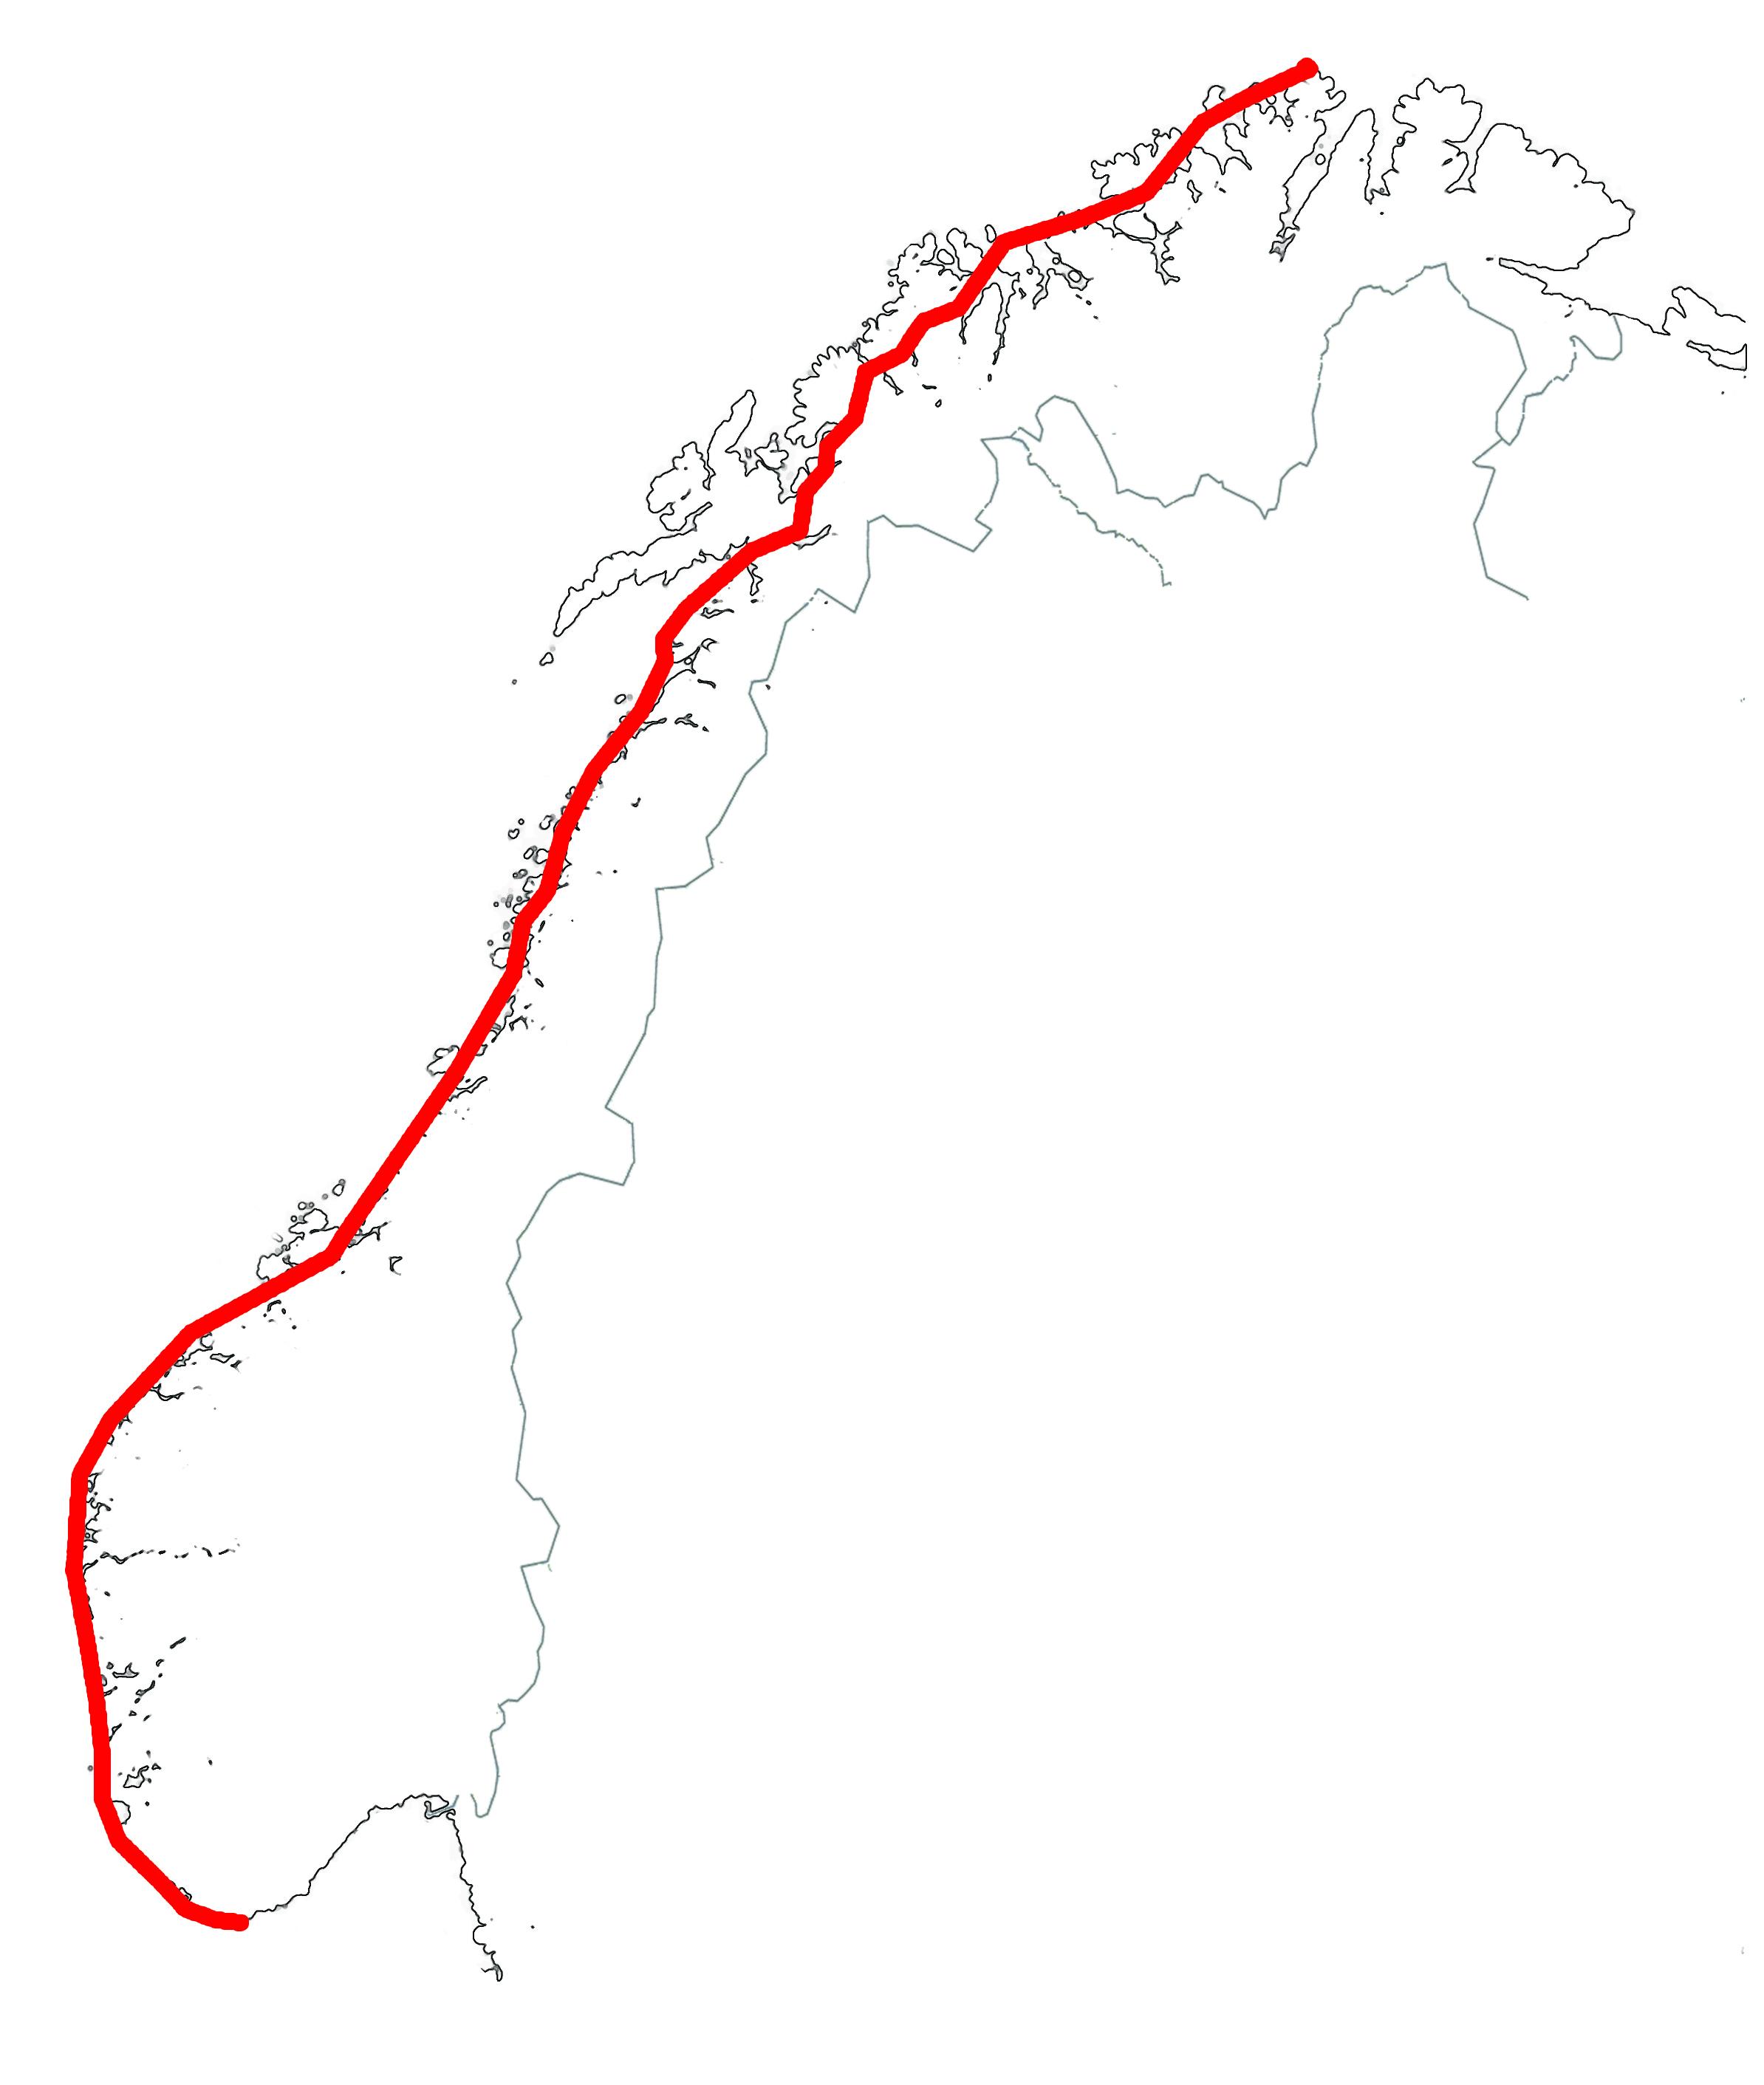 kart norskekysten En episk reise | Rodegned / Nordkapp – Lindesnes 2011 kart norskekysten